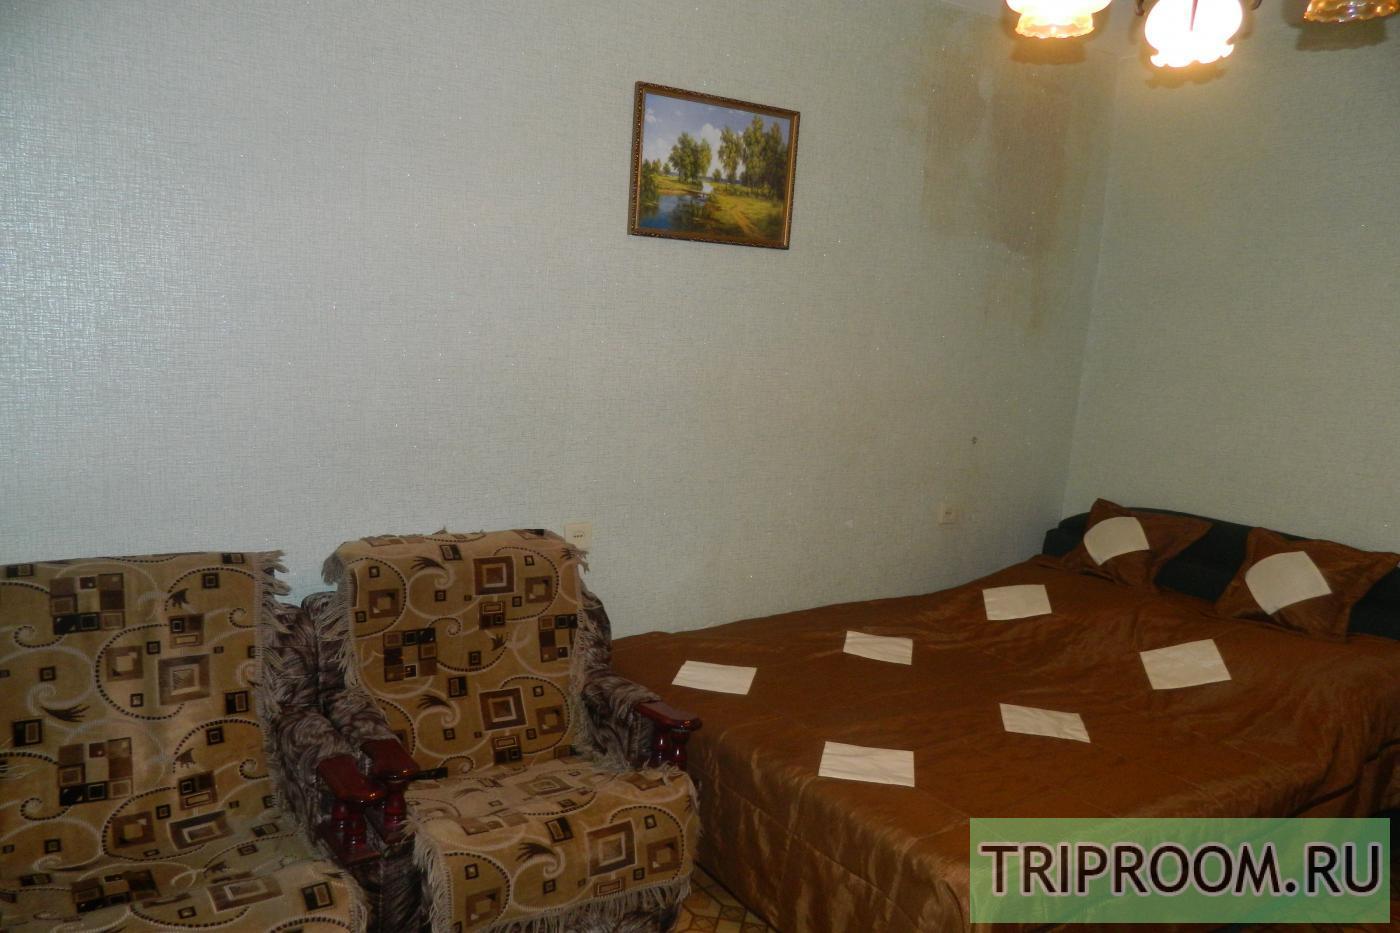 1-комнатная квартира посуточно (вариант № 1924), ул. Средне-Московская улица, фото № 1